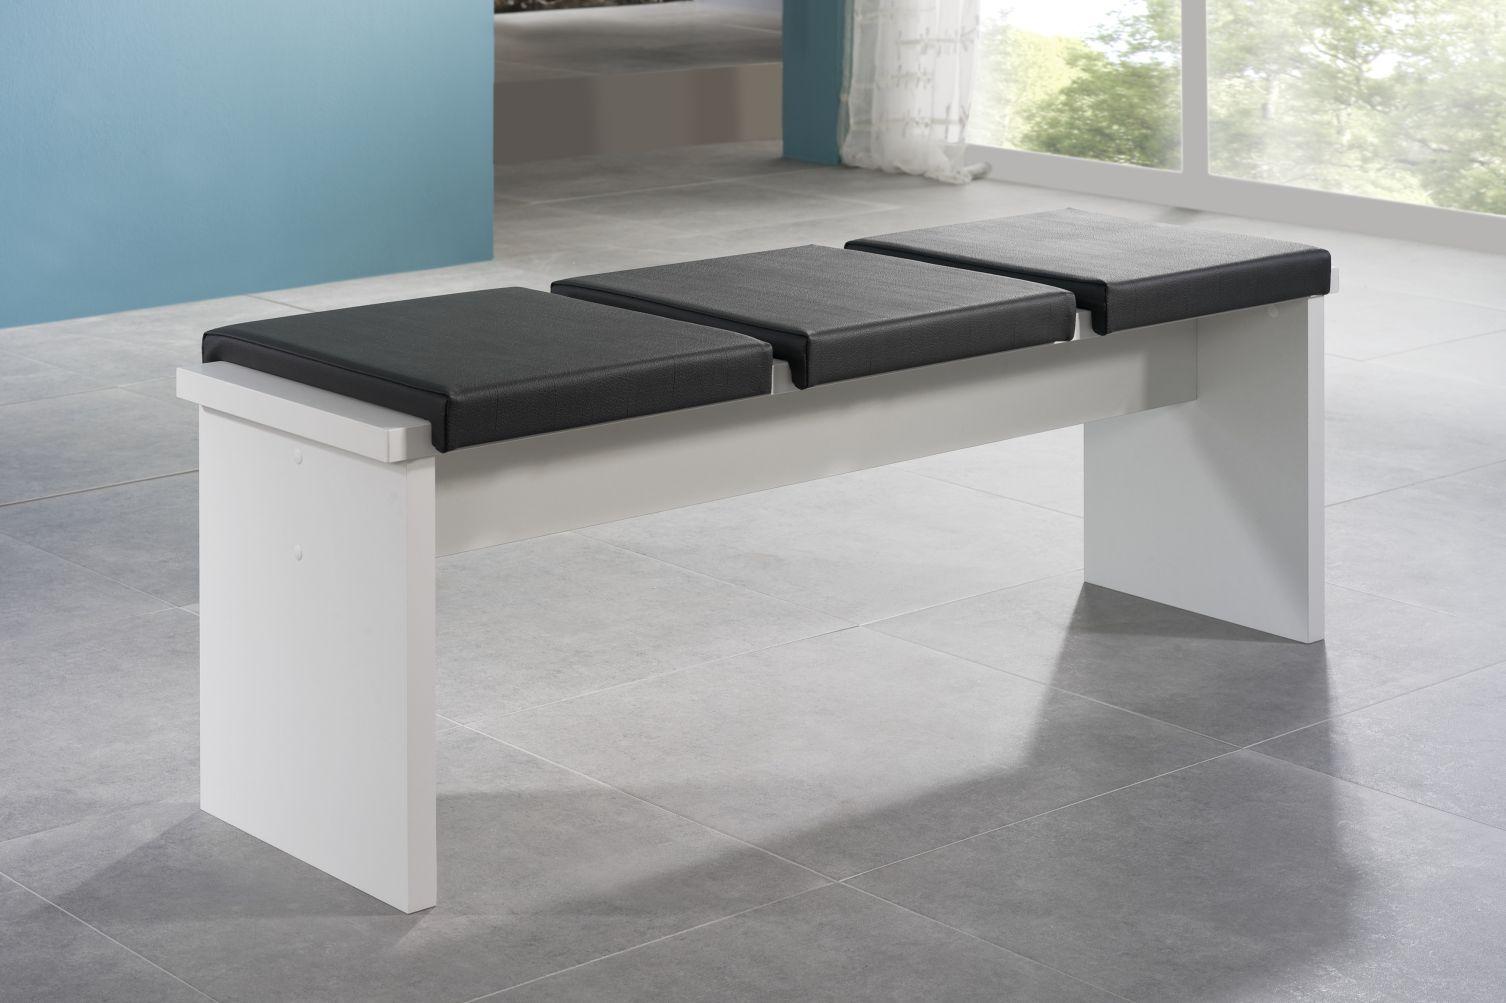 esszimmer bank. Black Bedroom Furniture Sets. Home Design Ideas